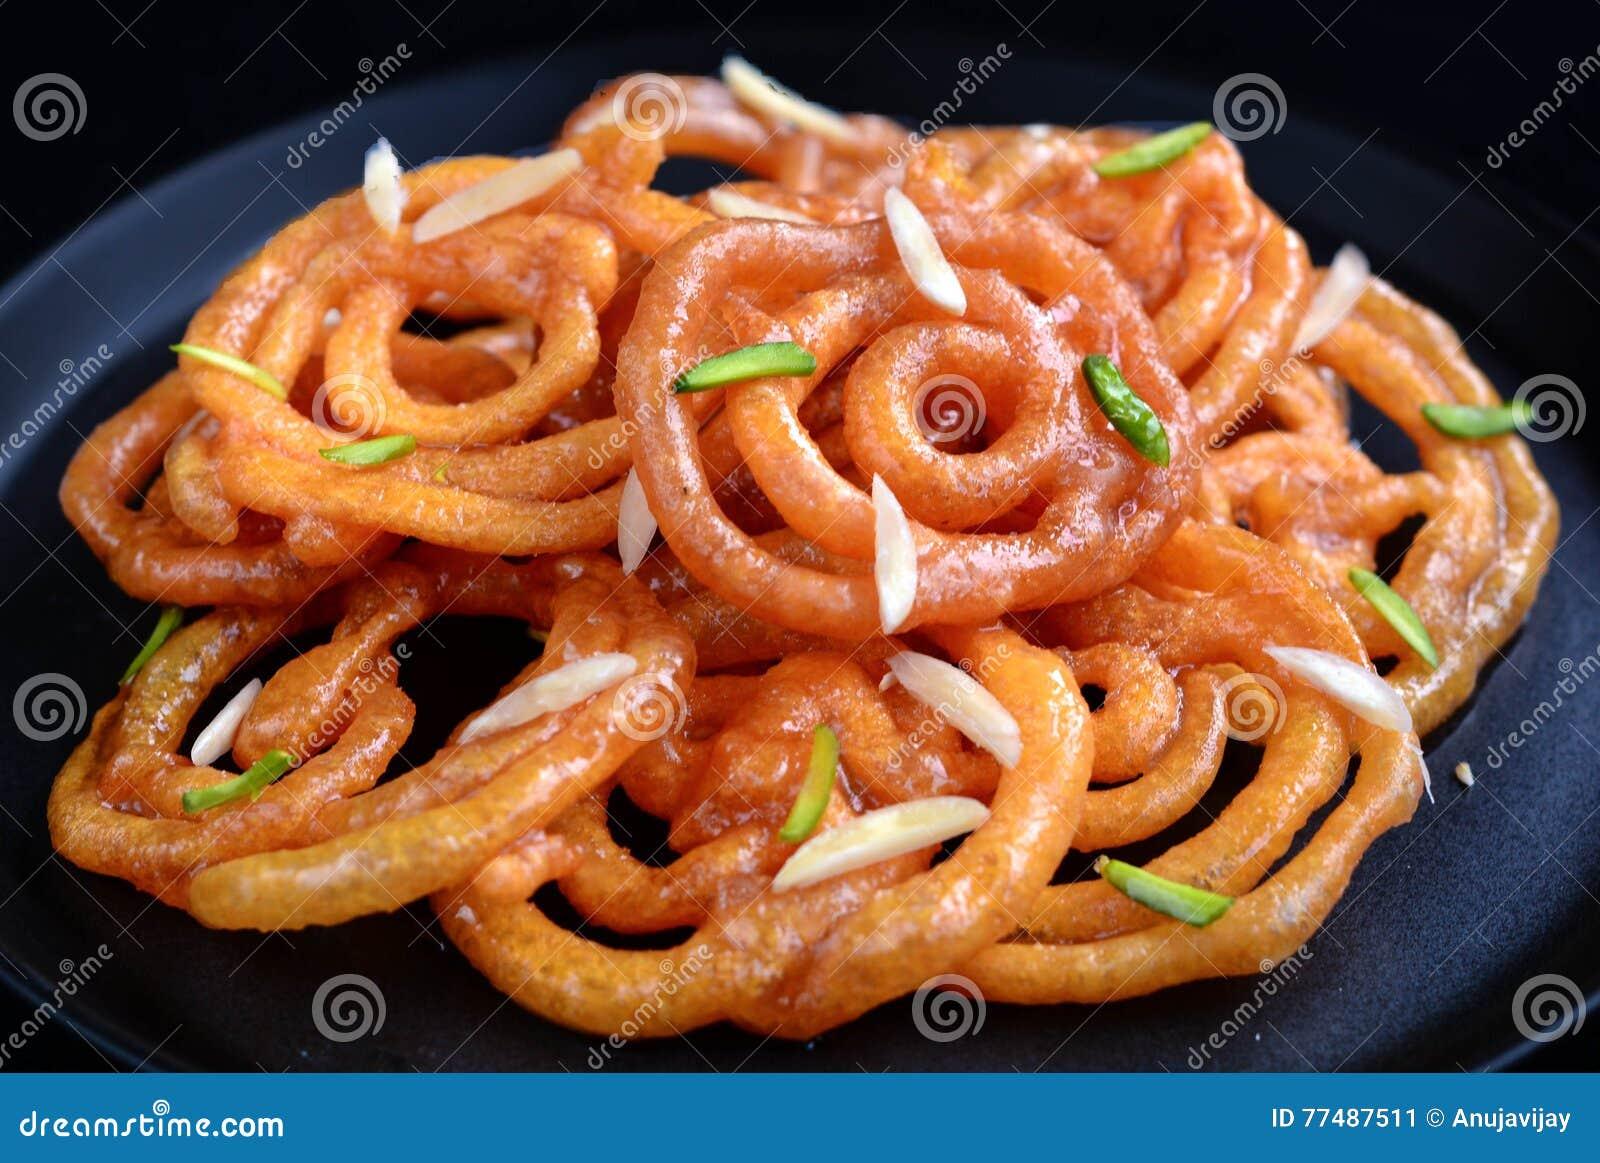 Indian Jalebi in a plate